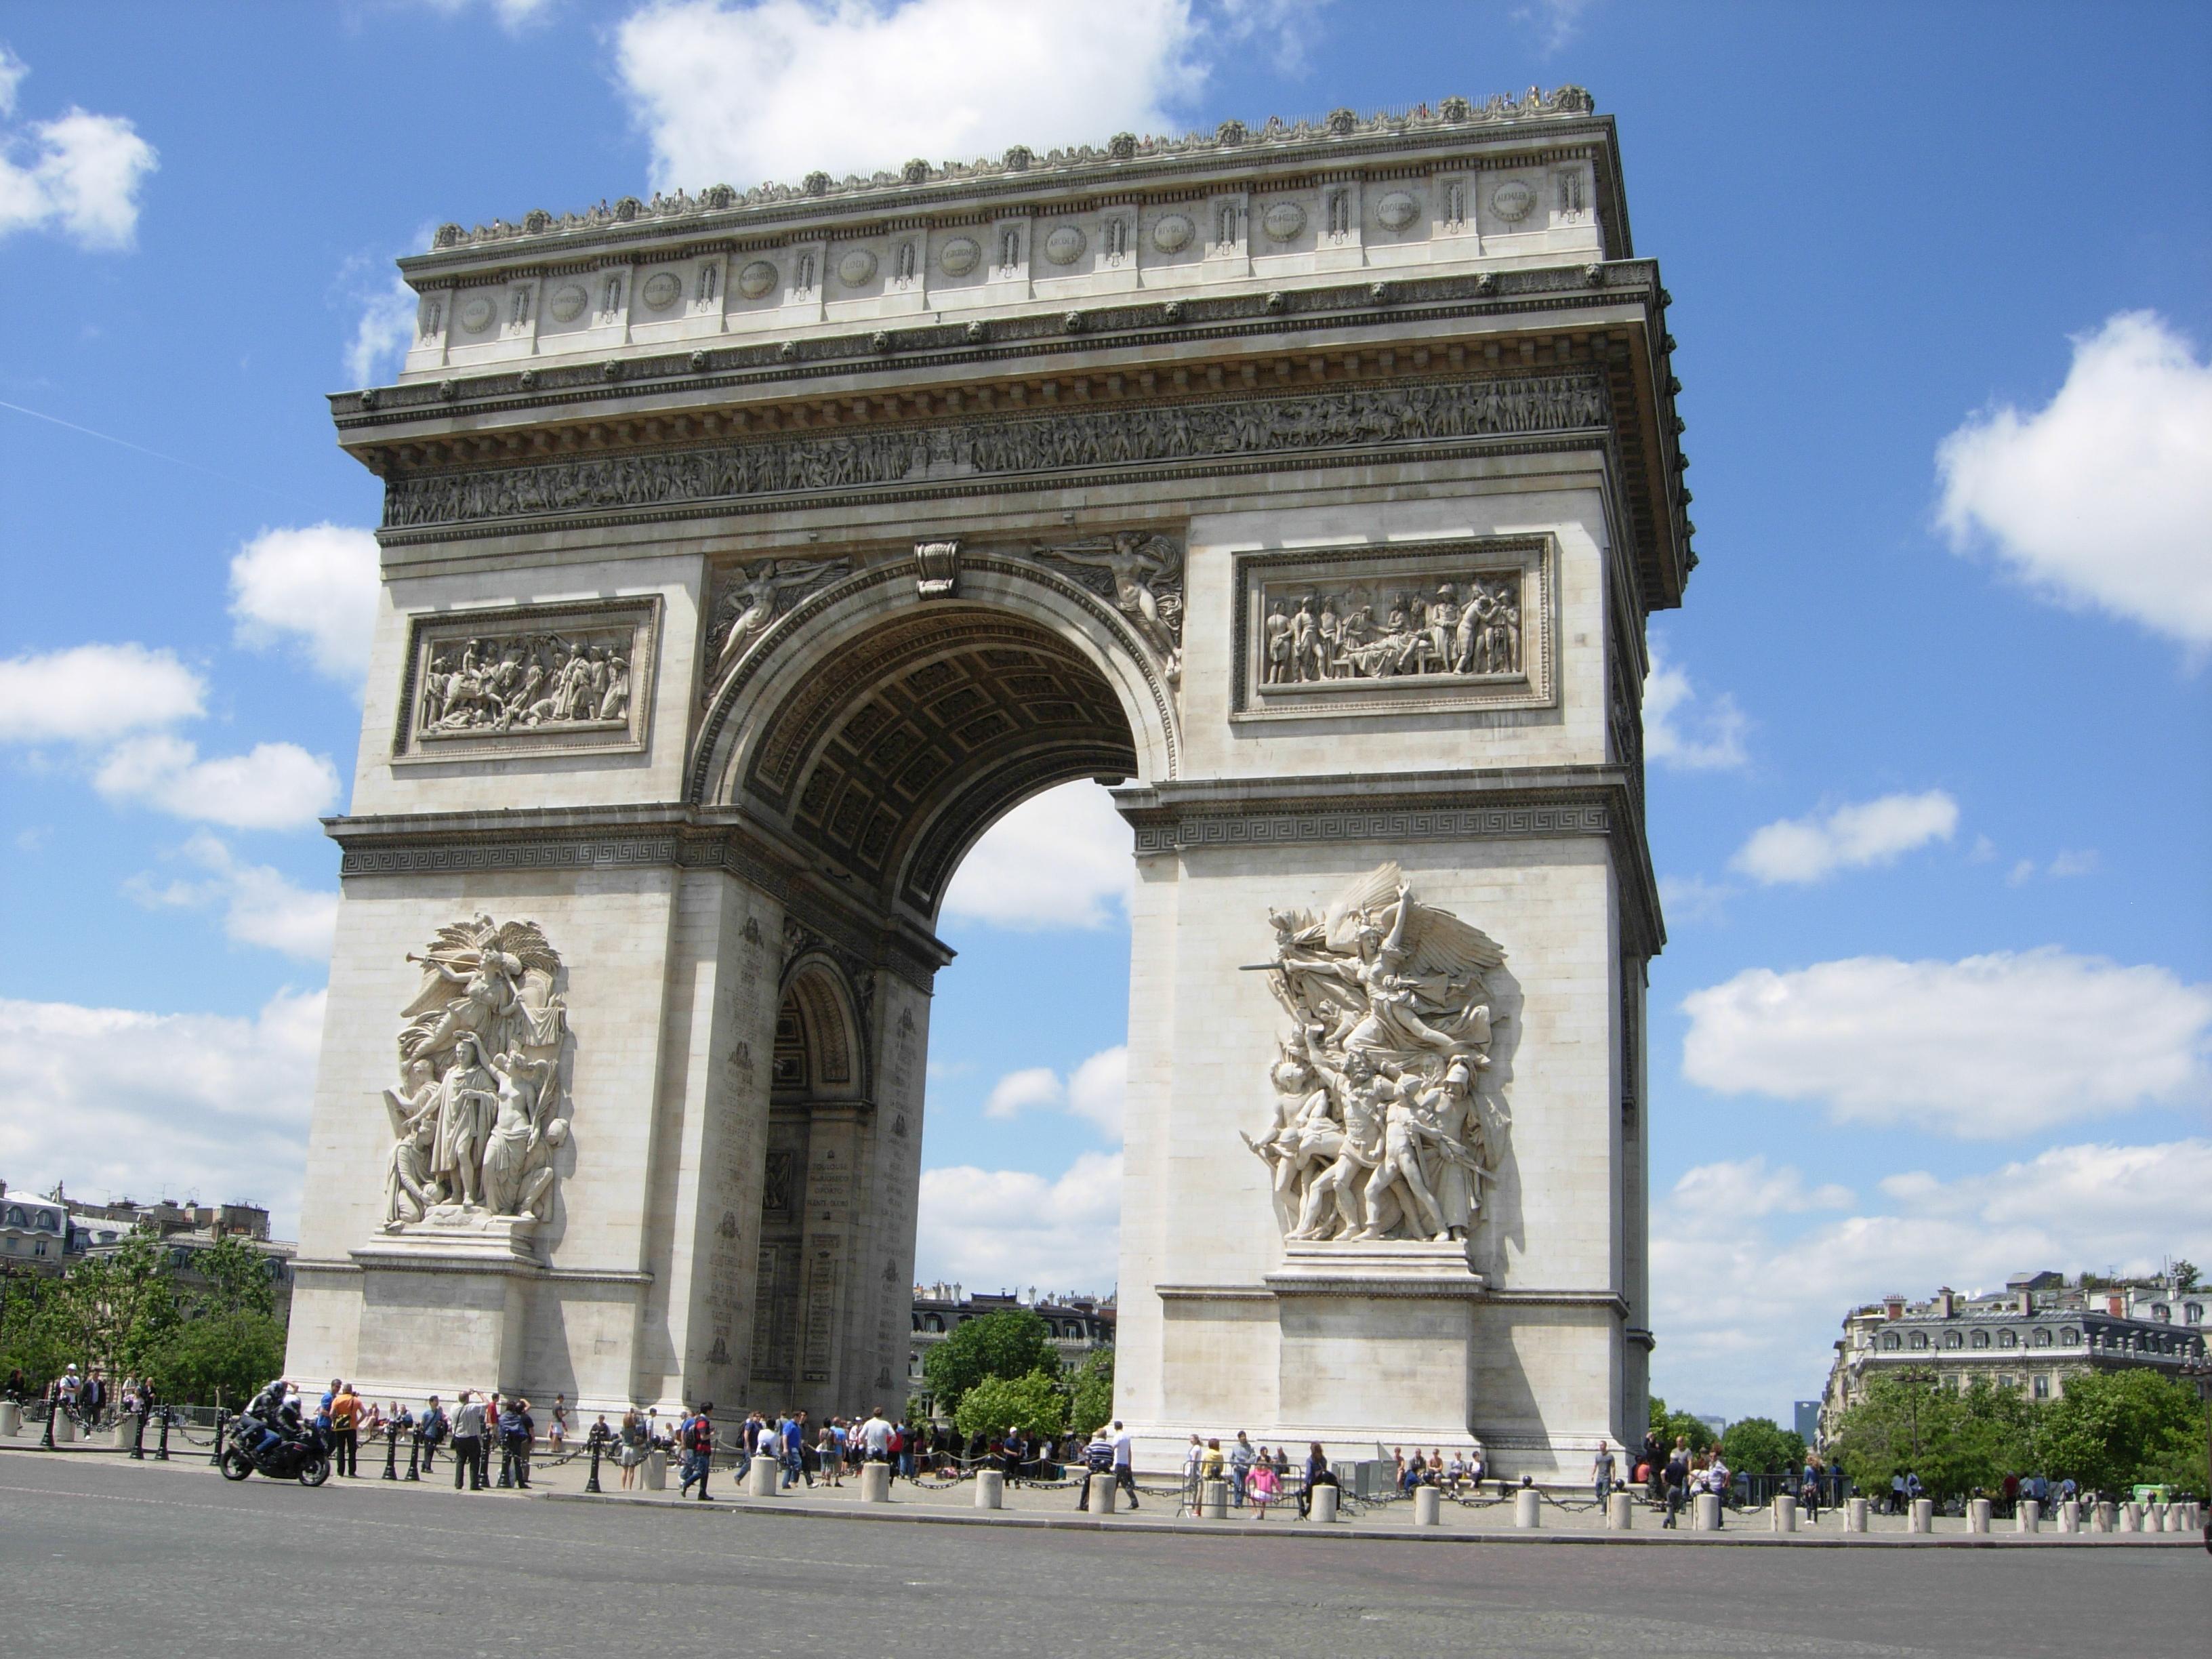 文化巴黎的魅力——卢浮宫、凯旋门……_图1-11